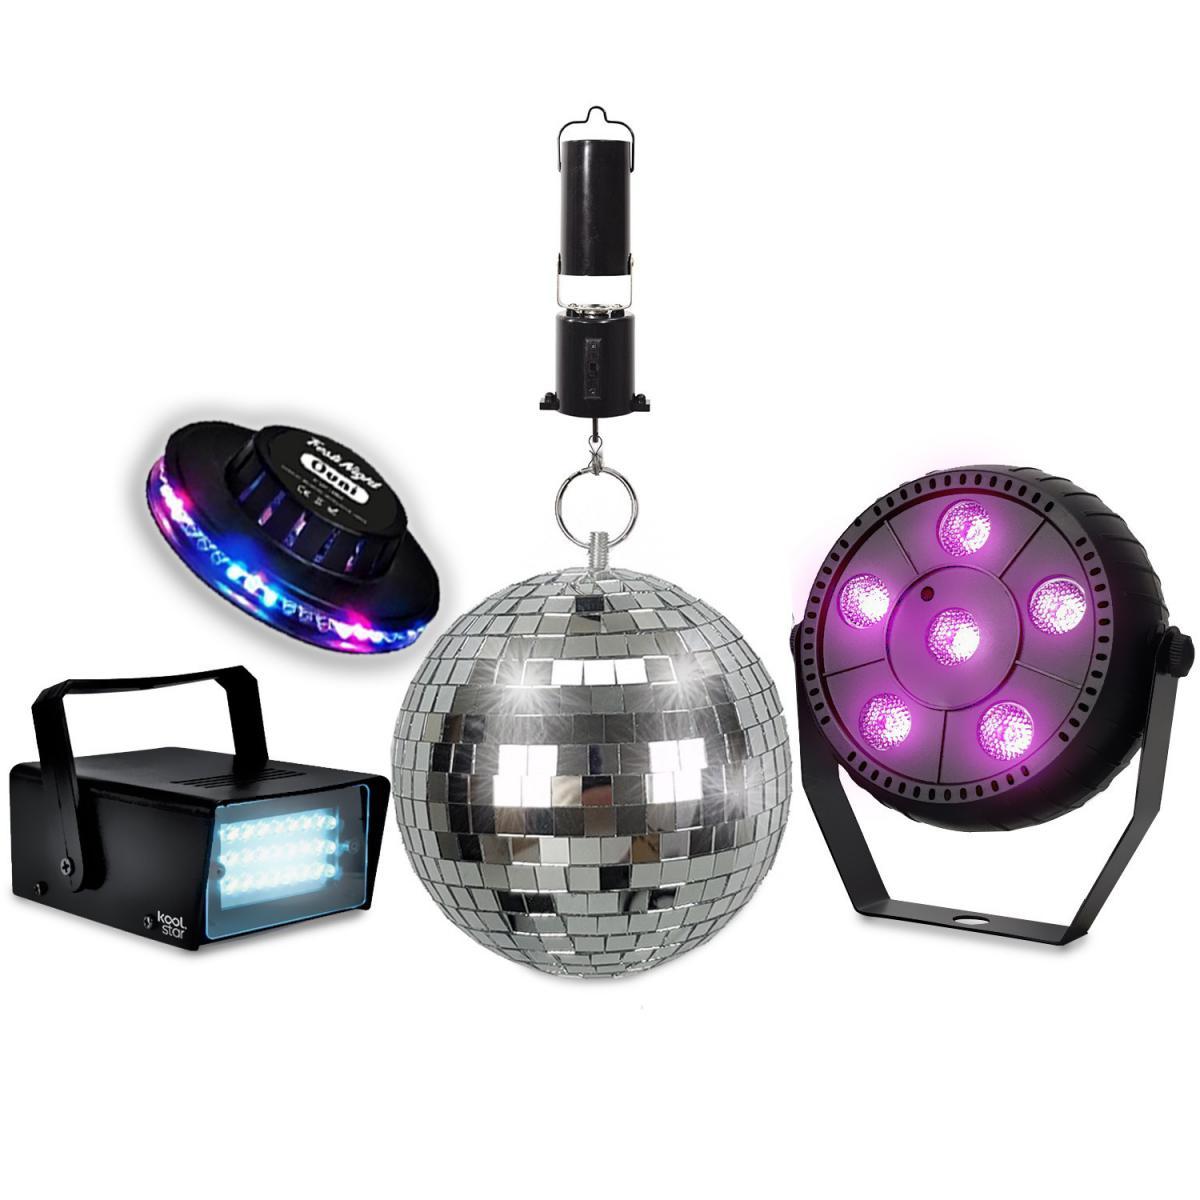 Koolstar Pack Jeux de lumières KOOLSTAR PACKDISCO Mini Strobe 24 LED - PAR SLIM 6 LED + Soucoupe OVNI - Boule à facettes 16cm + M